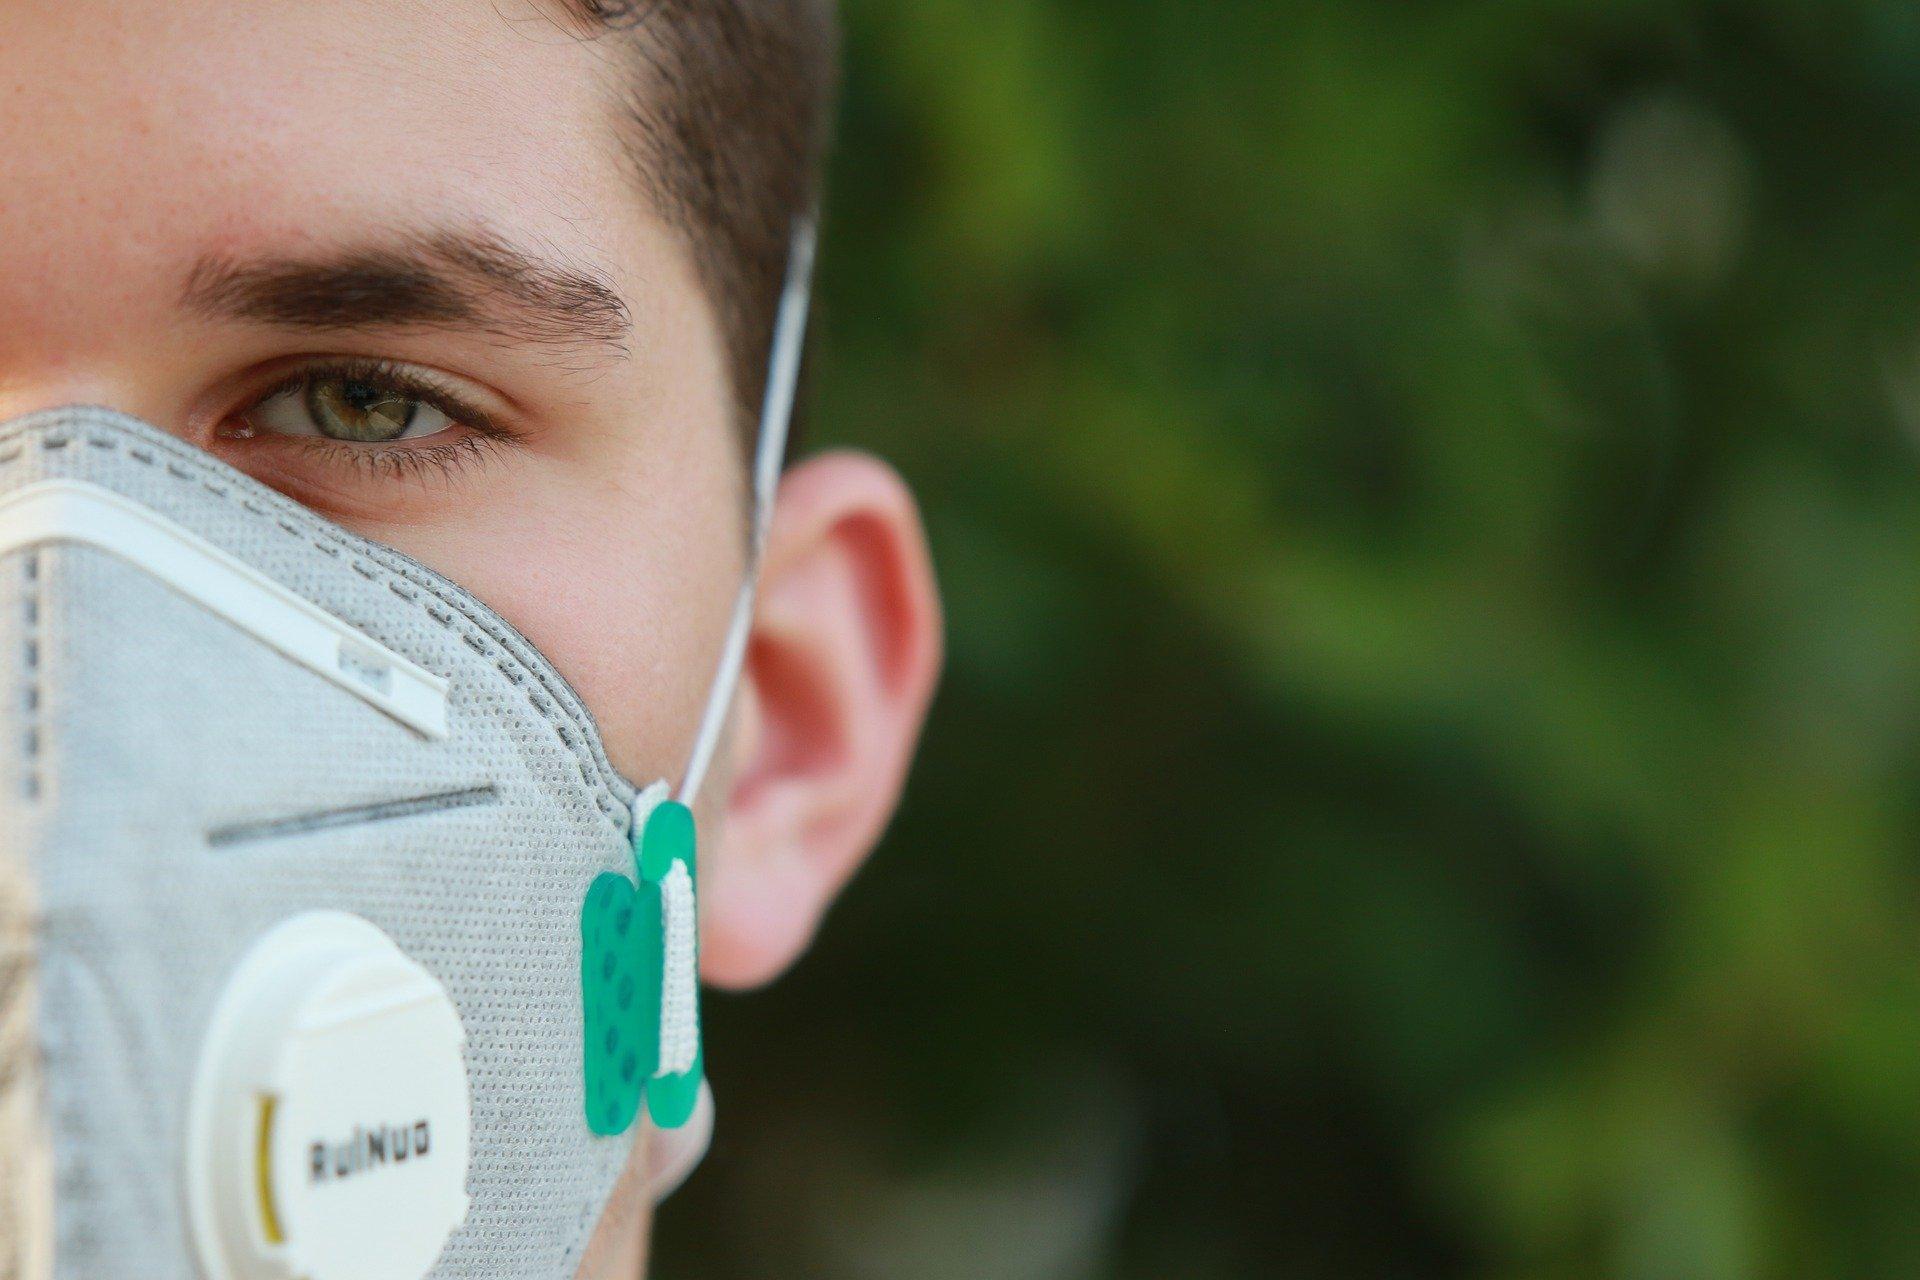 Врачи назвали редкий смертельный симптом коронавируса для молодых людей